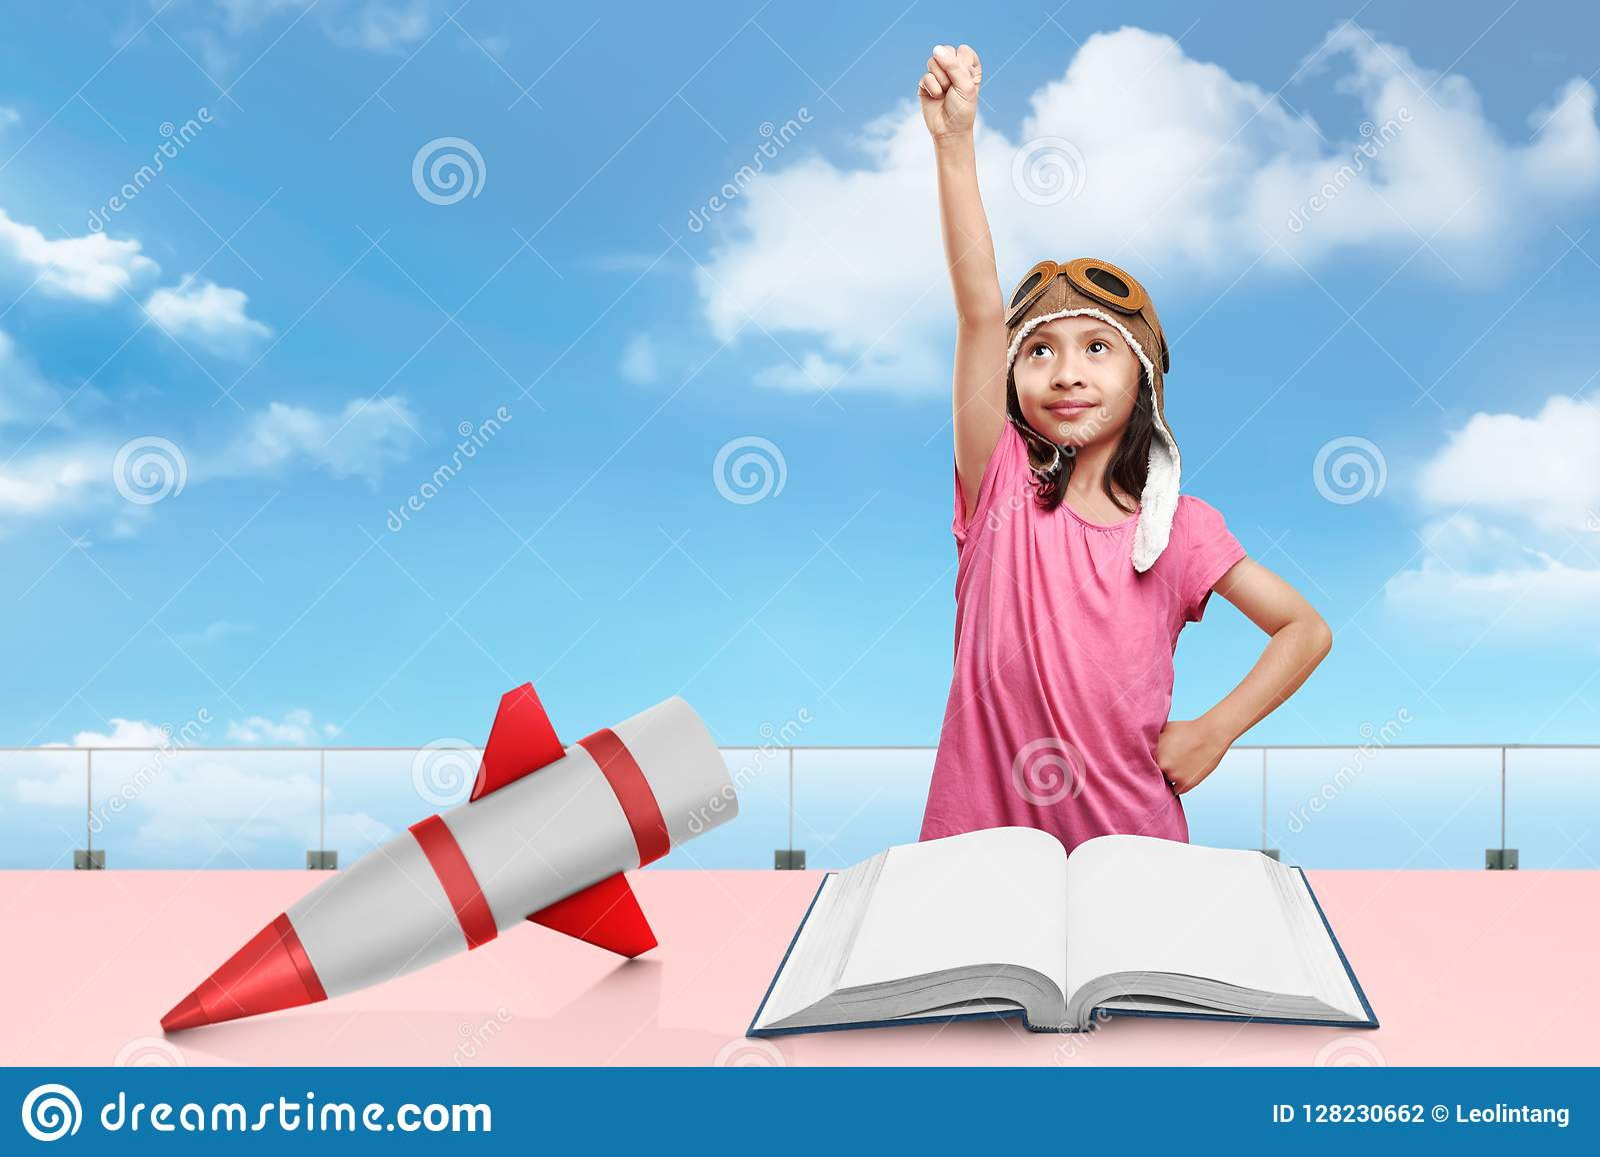 5980191c9bcdd La muchacha asiática alegre con el casquillo del aviador se imagina como  piloto